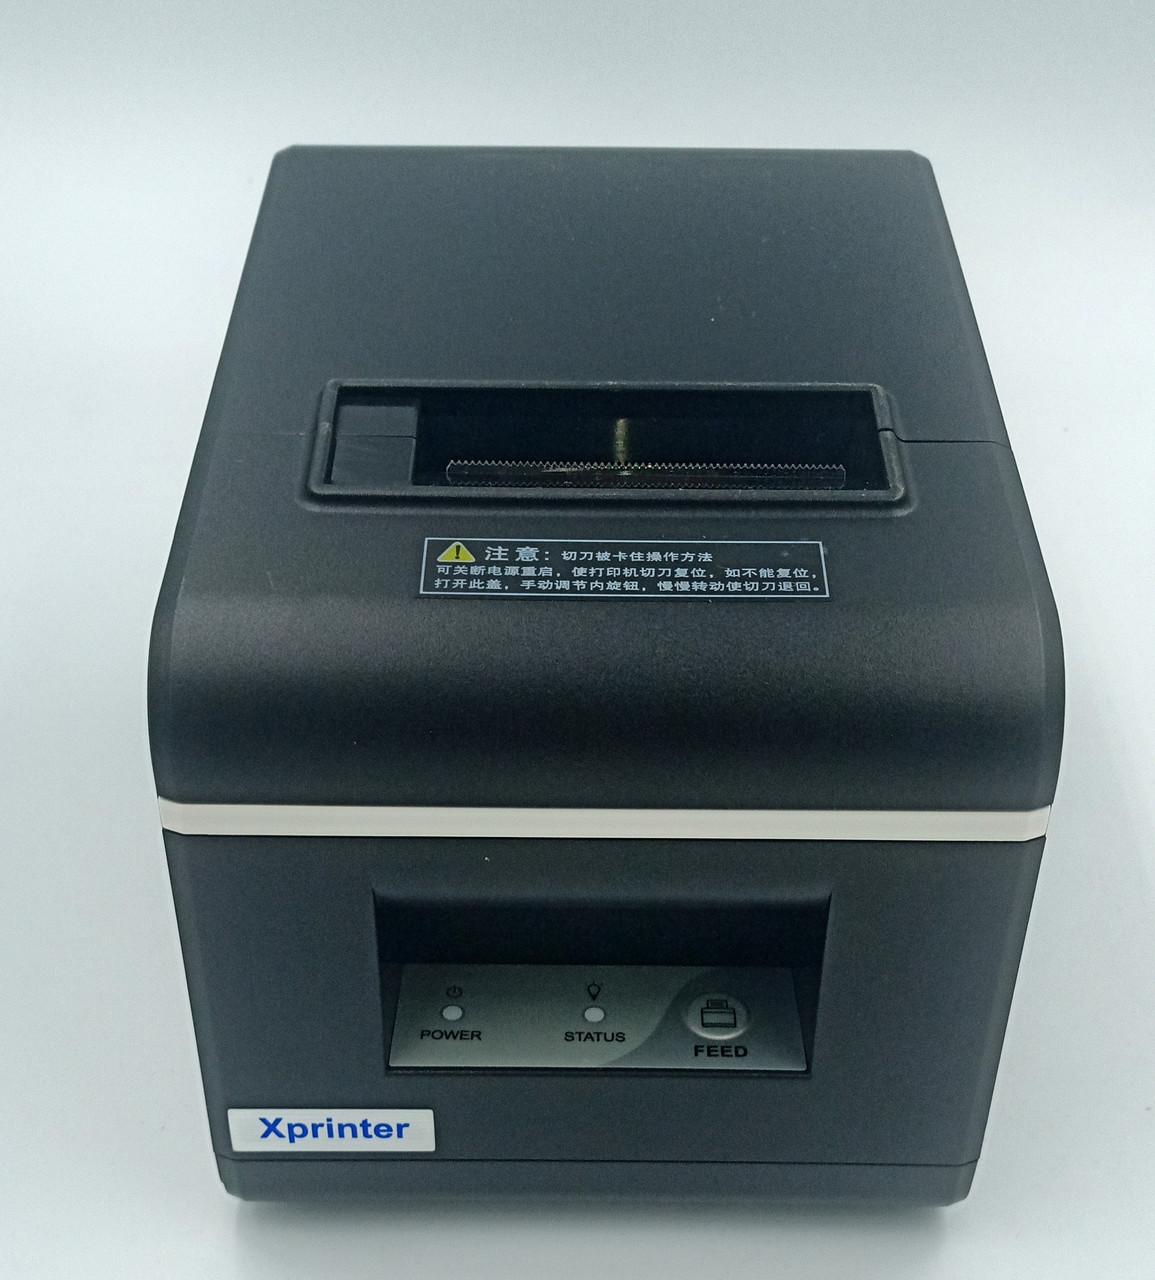 Чековый принтер Xprinter XP-Q90 EC USB интерфейс с автообрезкой 58мм